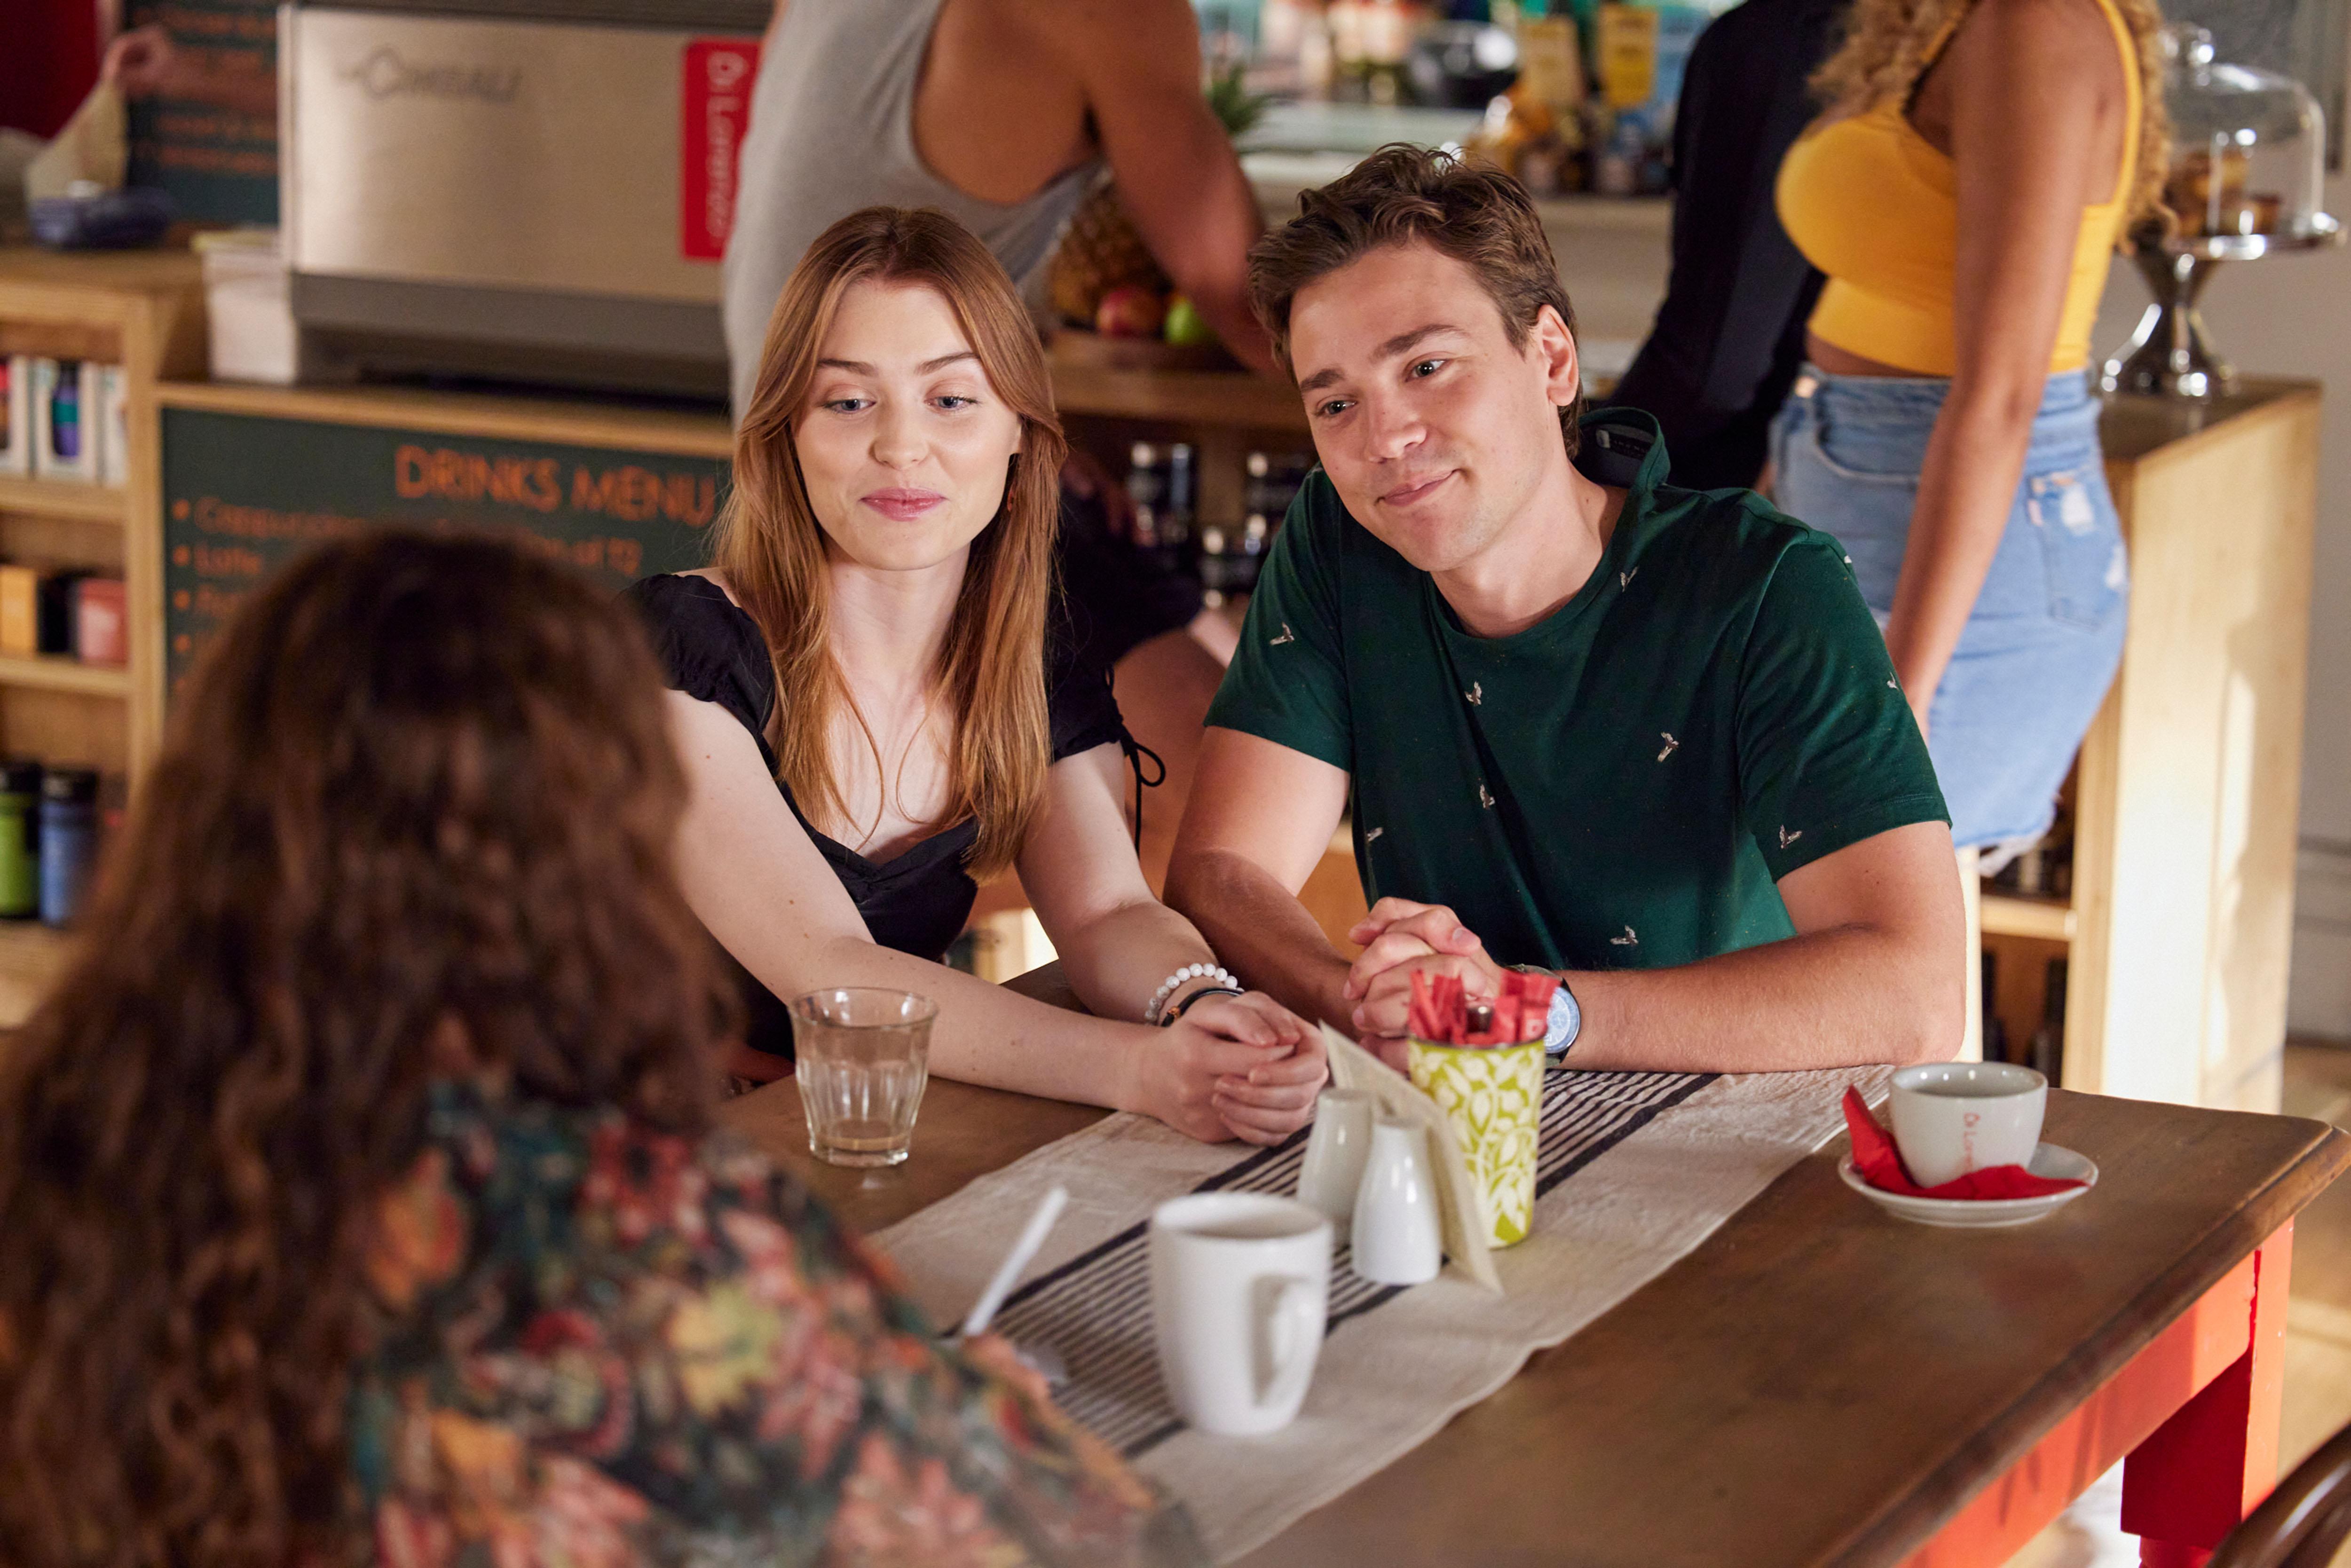 Chloe y Ryder hablan con Roo sobre su idea de negocio Home and Away